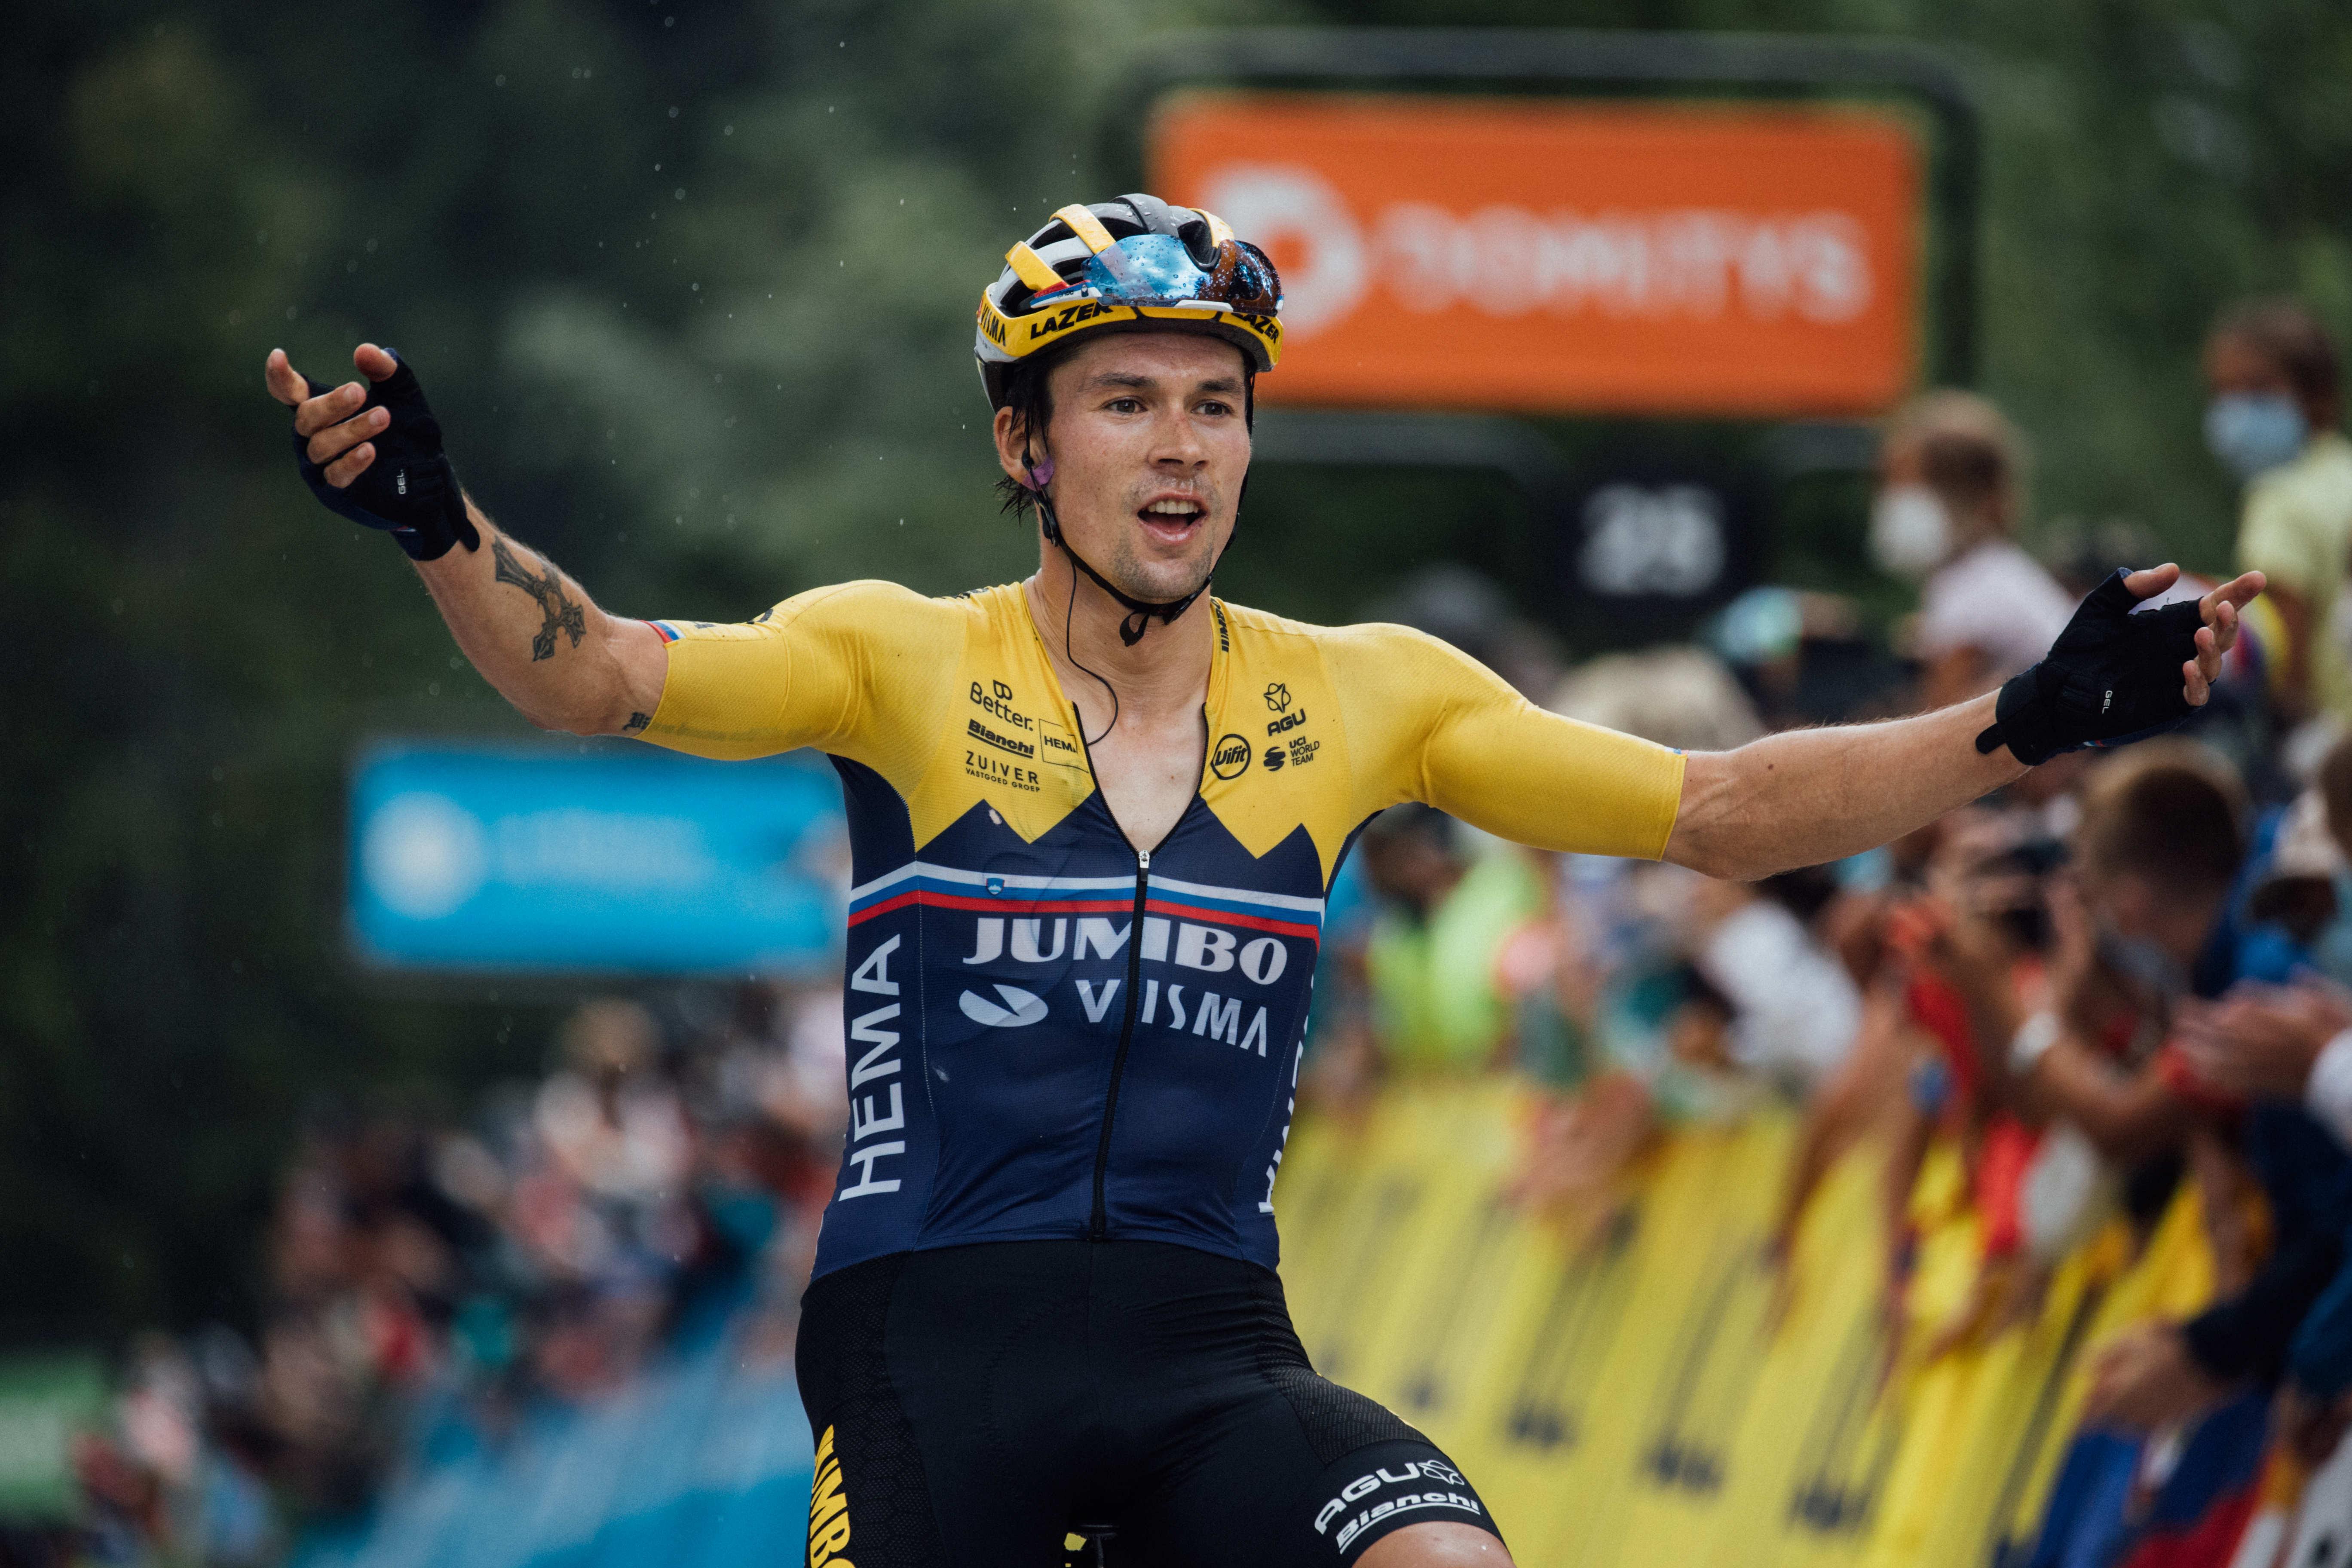 Dvojno slovensko slavje na četrti etapi na dirki po Franciji